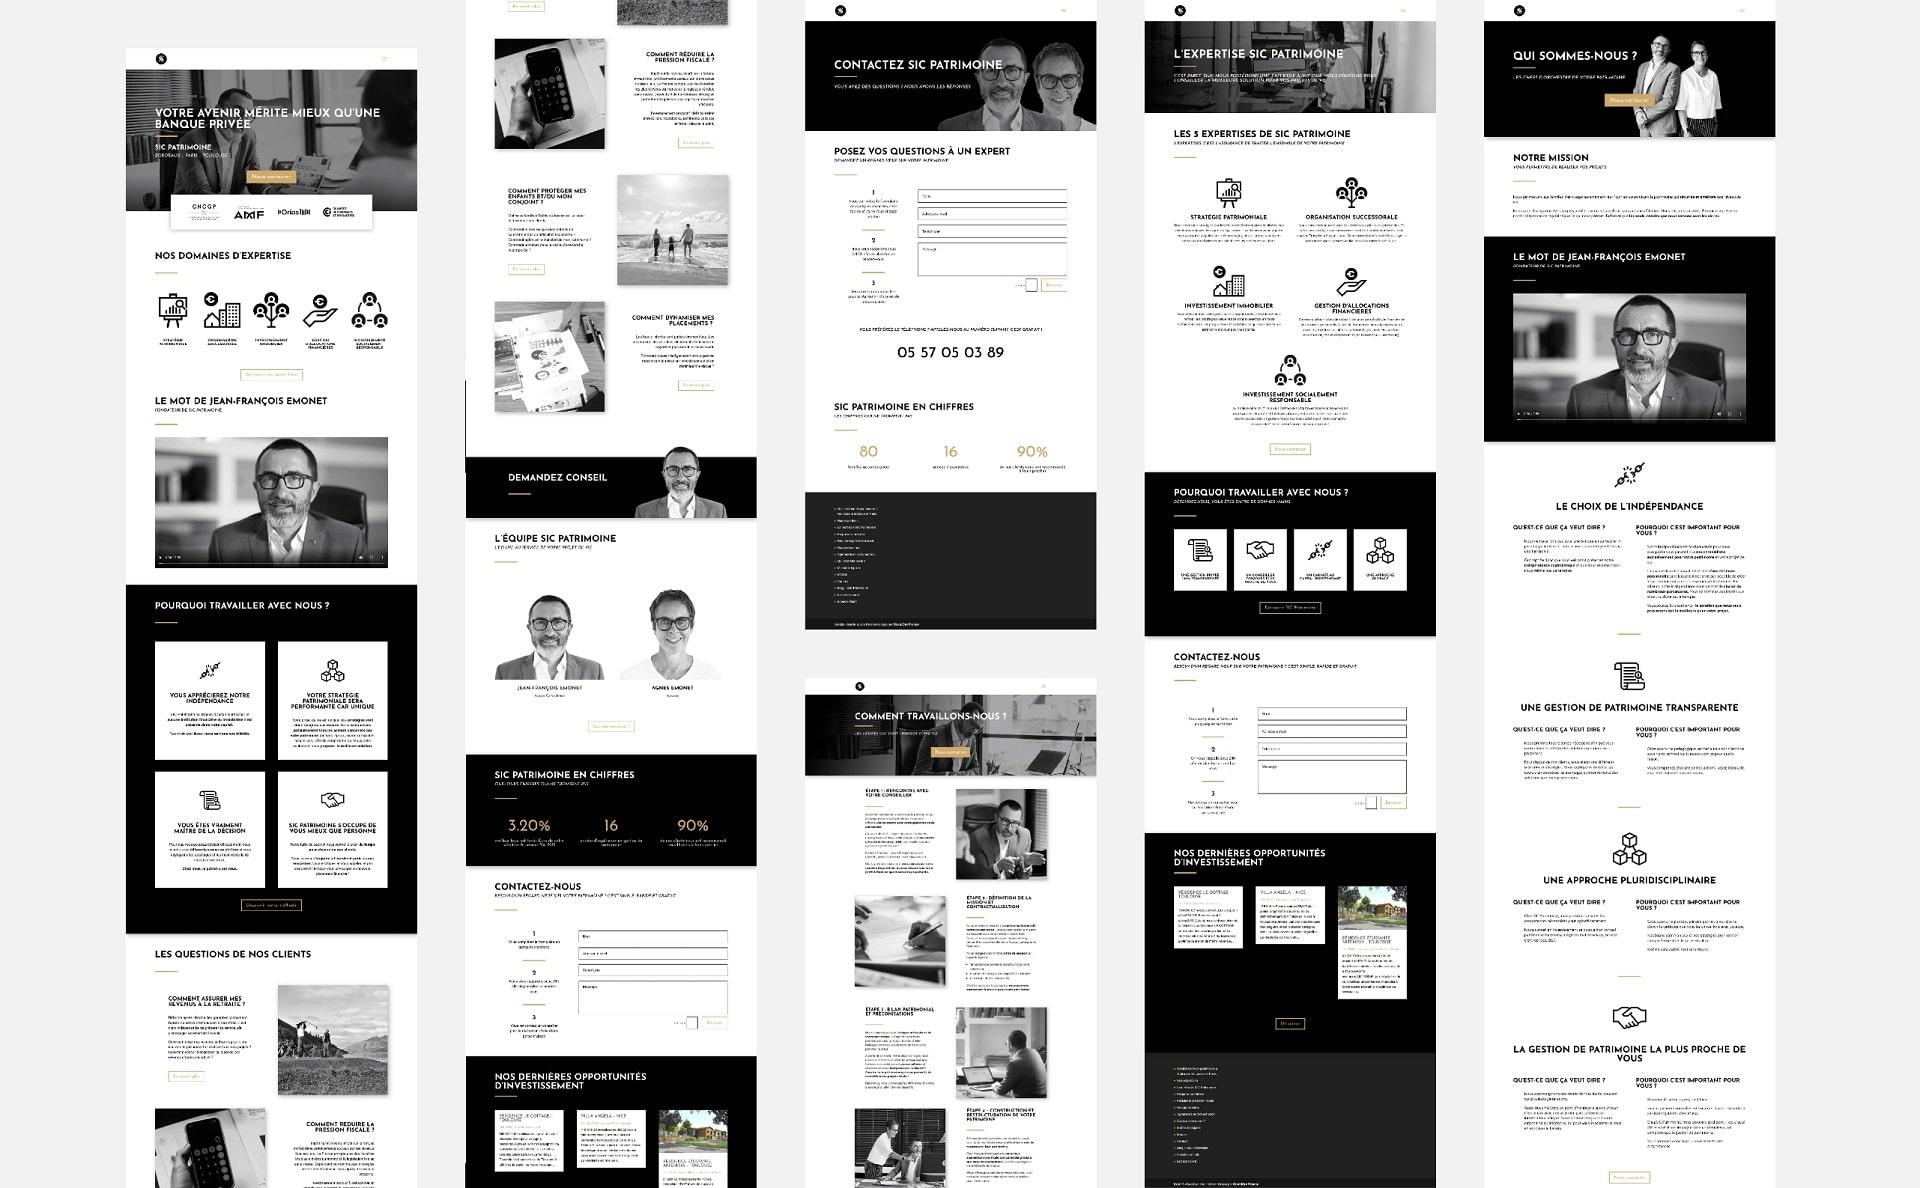 création site internet gestionnaire de patrimoine